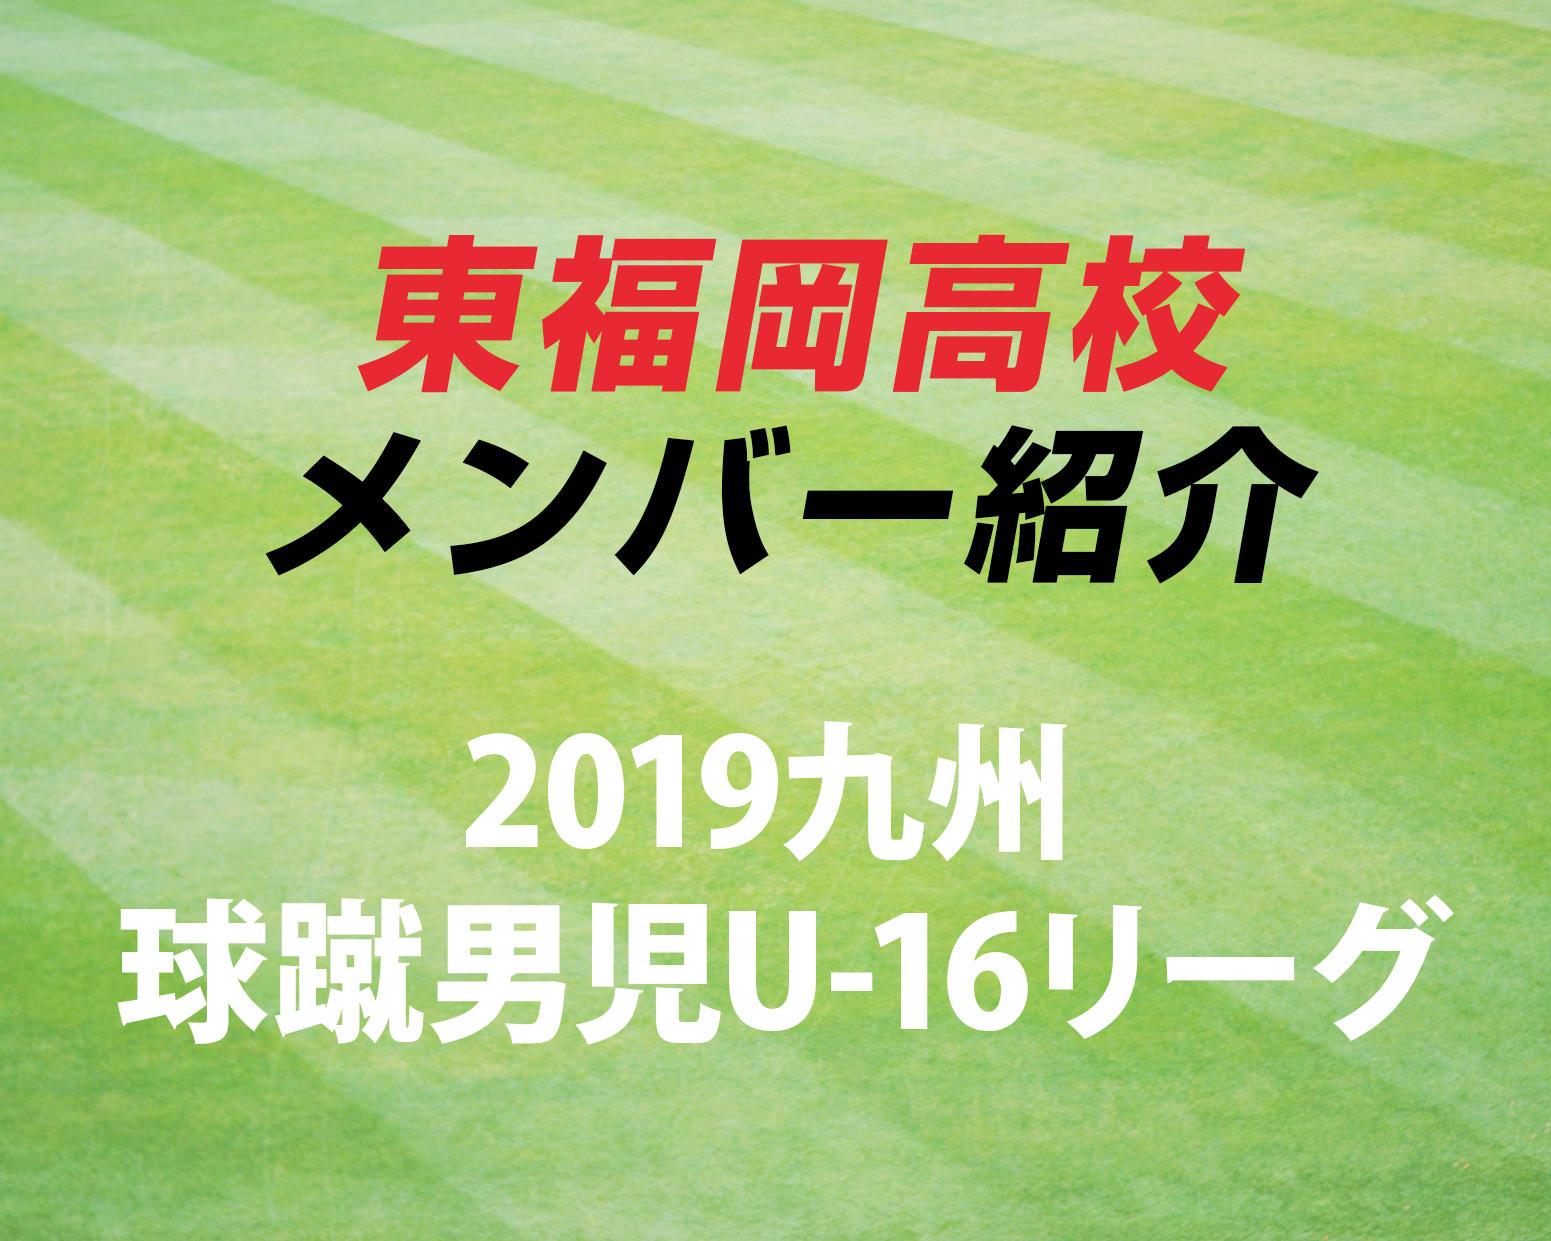 福岡の名門・東福岡高校サッカー部のメンバー紹介!(2019 球蹴男児U-16リーグ D1リーグ)